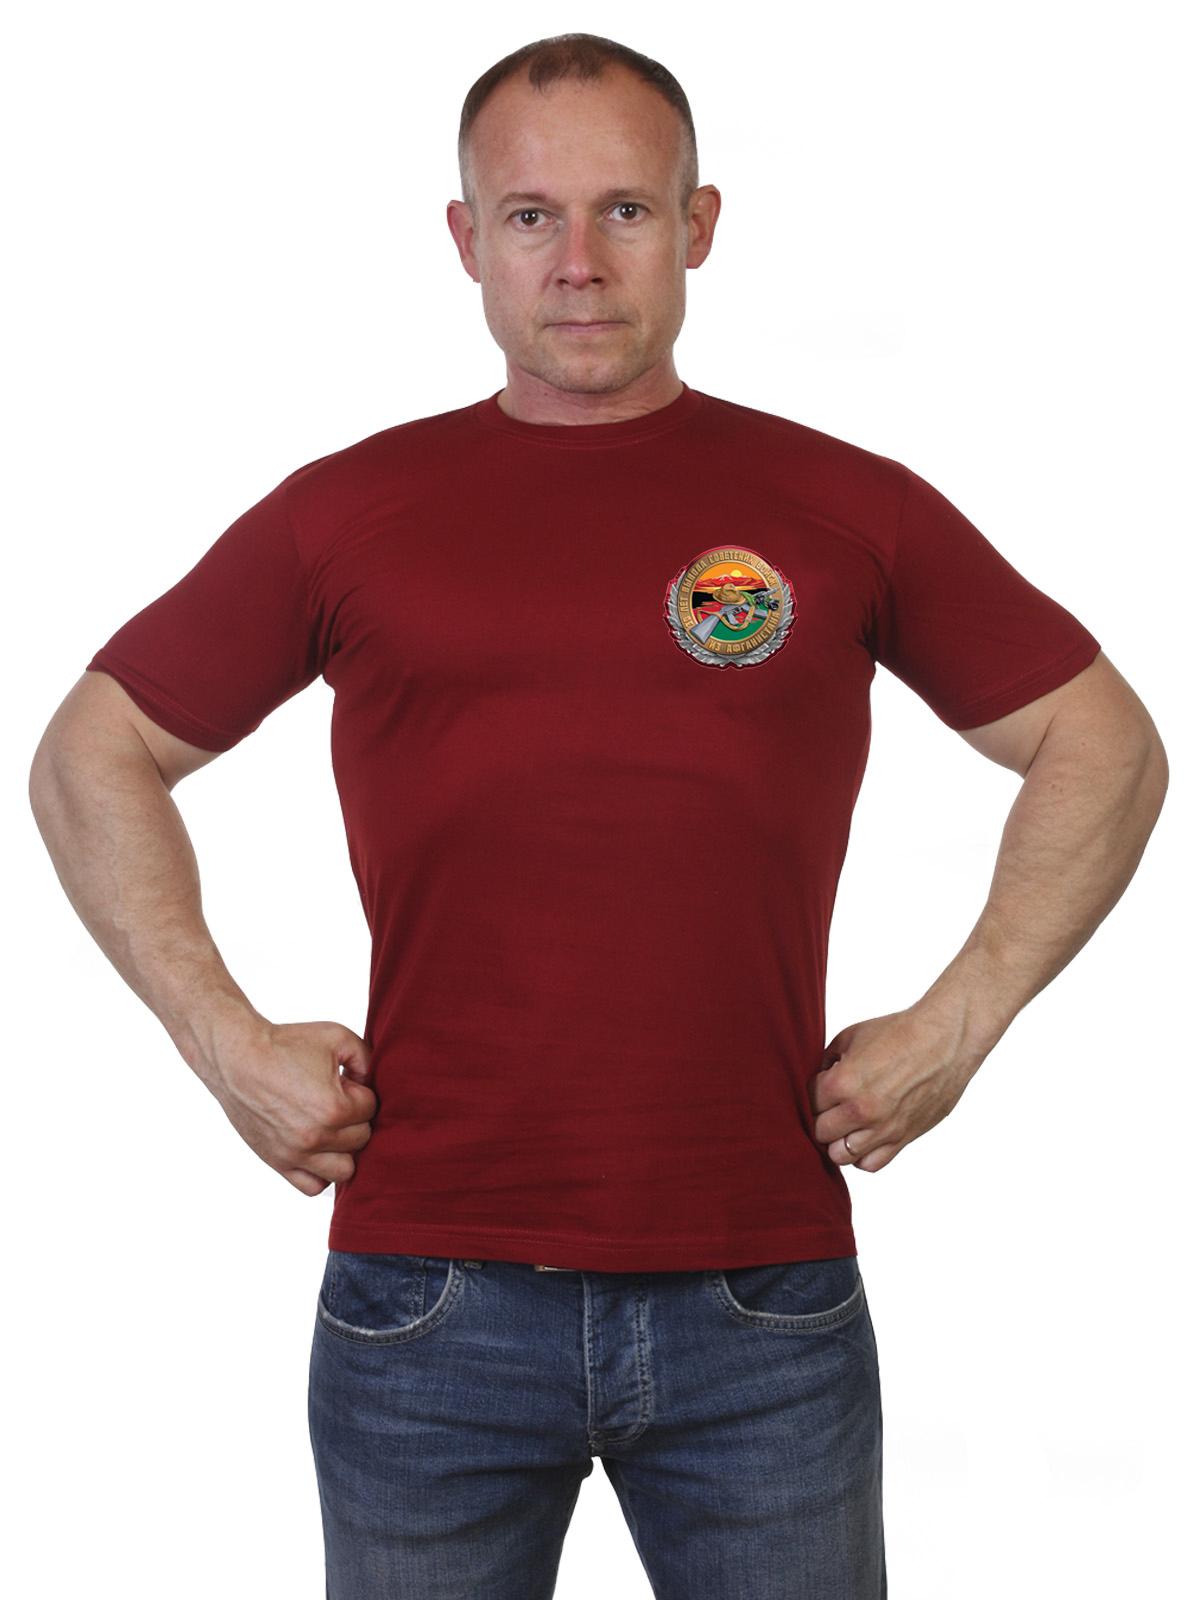 Заказать футболку с принтом Афган